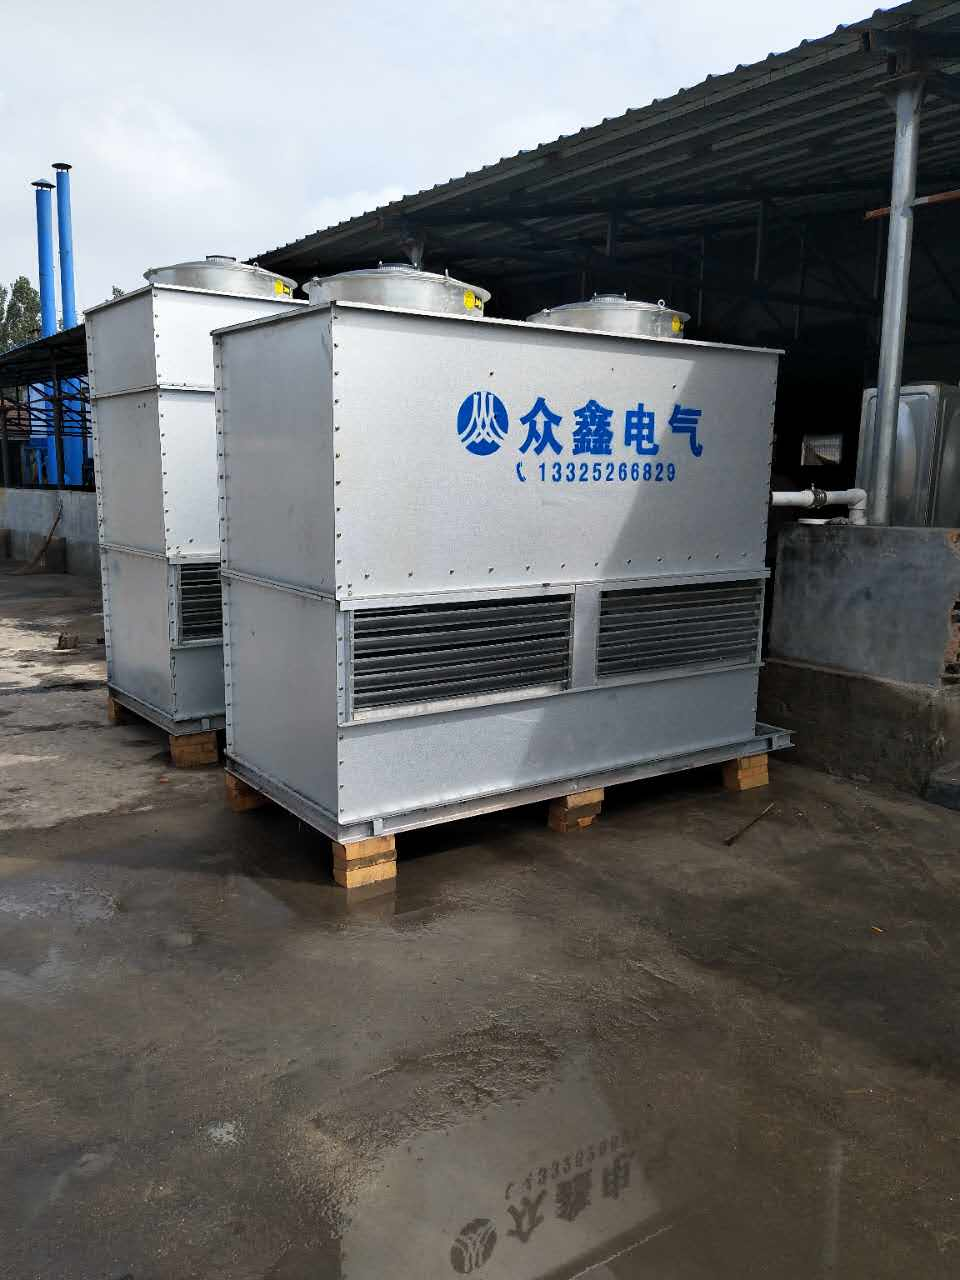 全封闭水冷却系统多少钱-质量好的全封闭水冷却系统在哪买